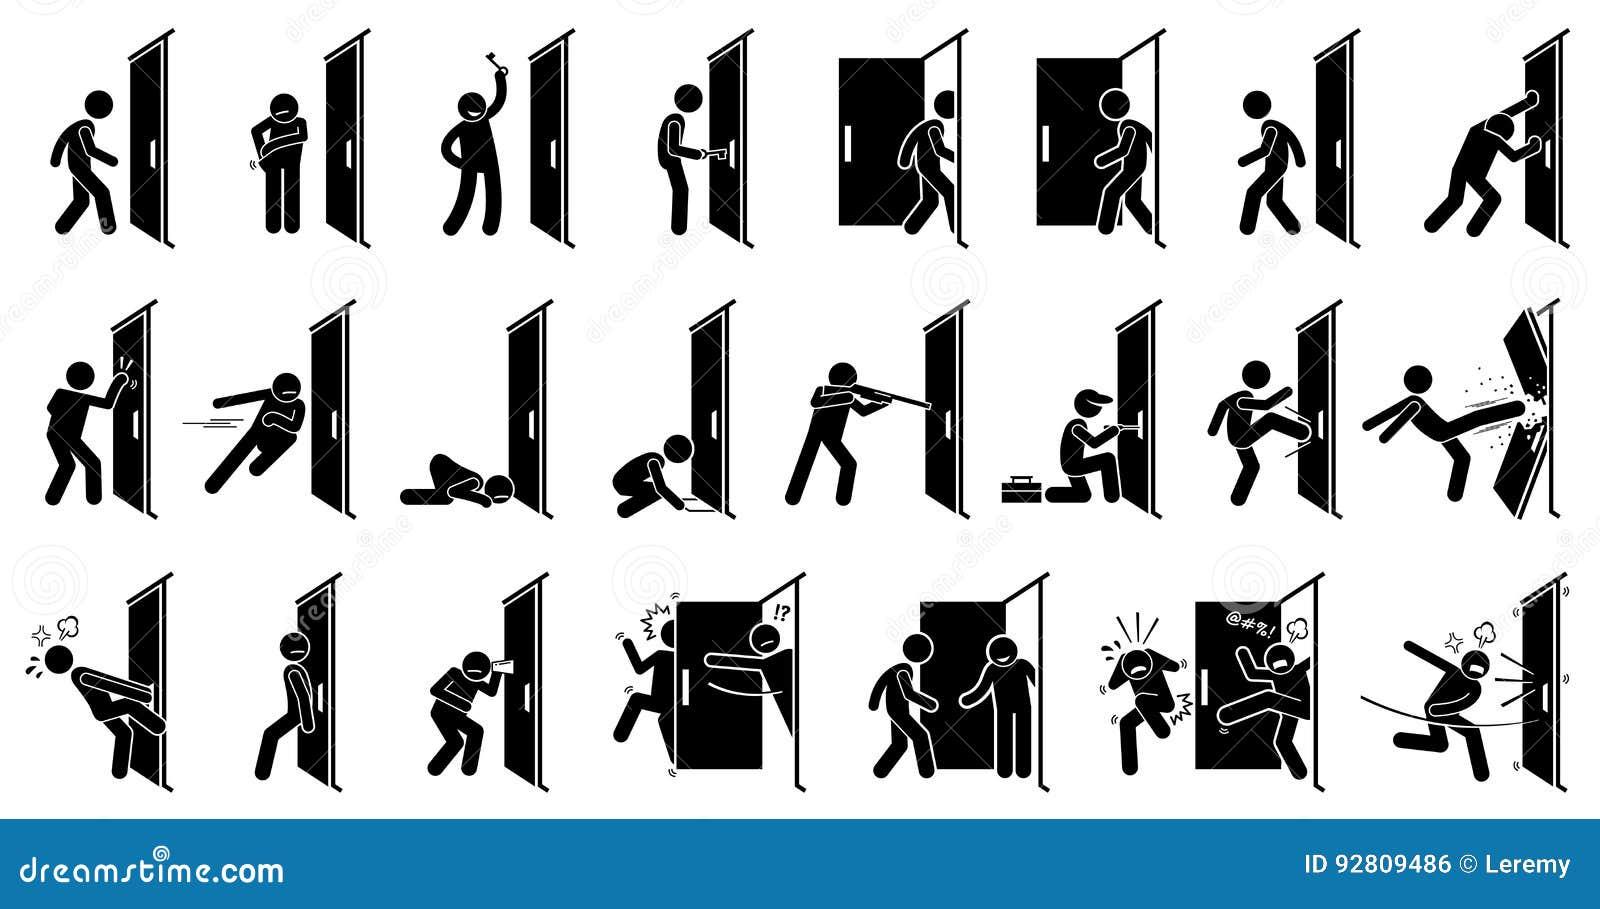 Pictograma do homem e da porta